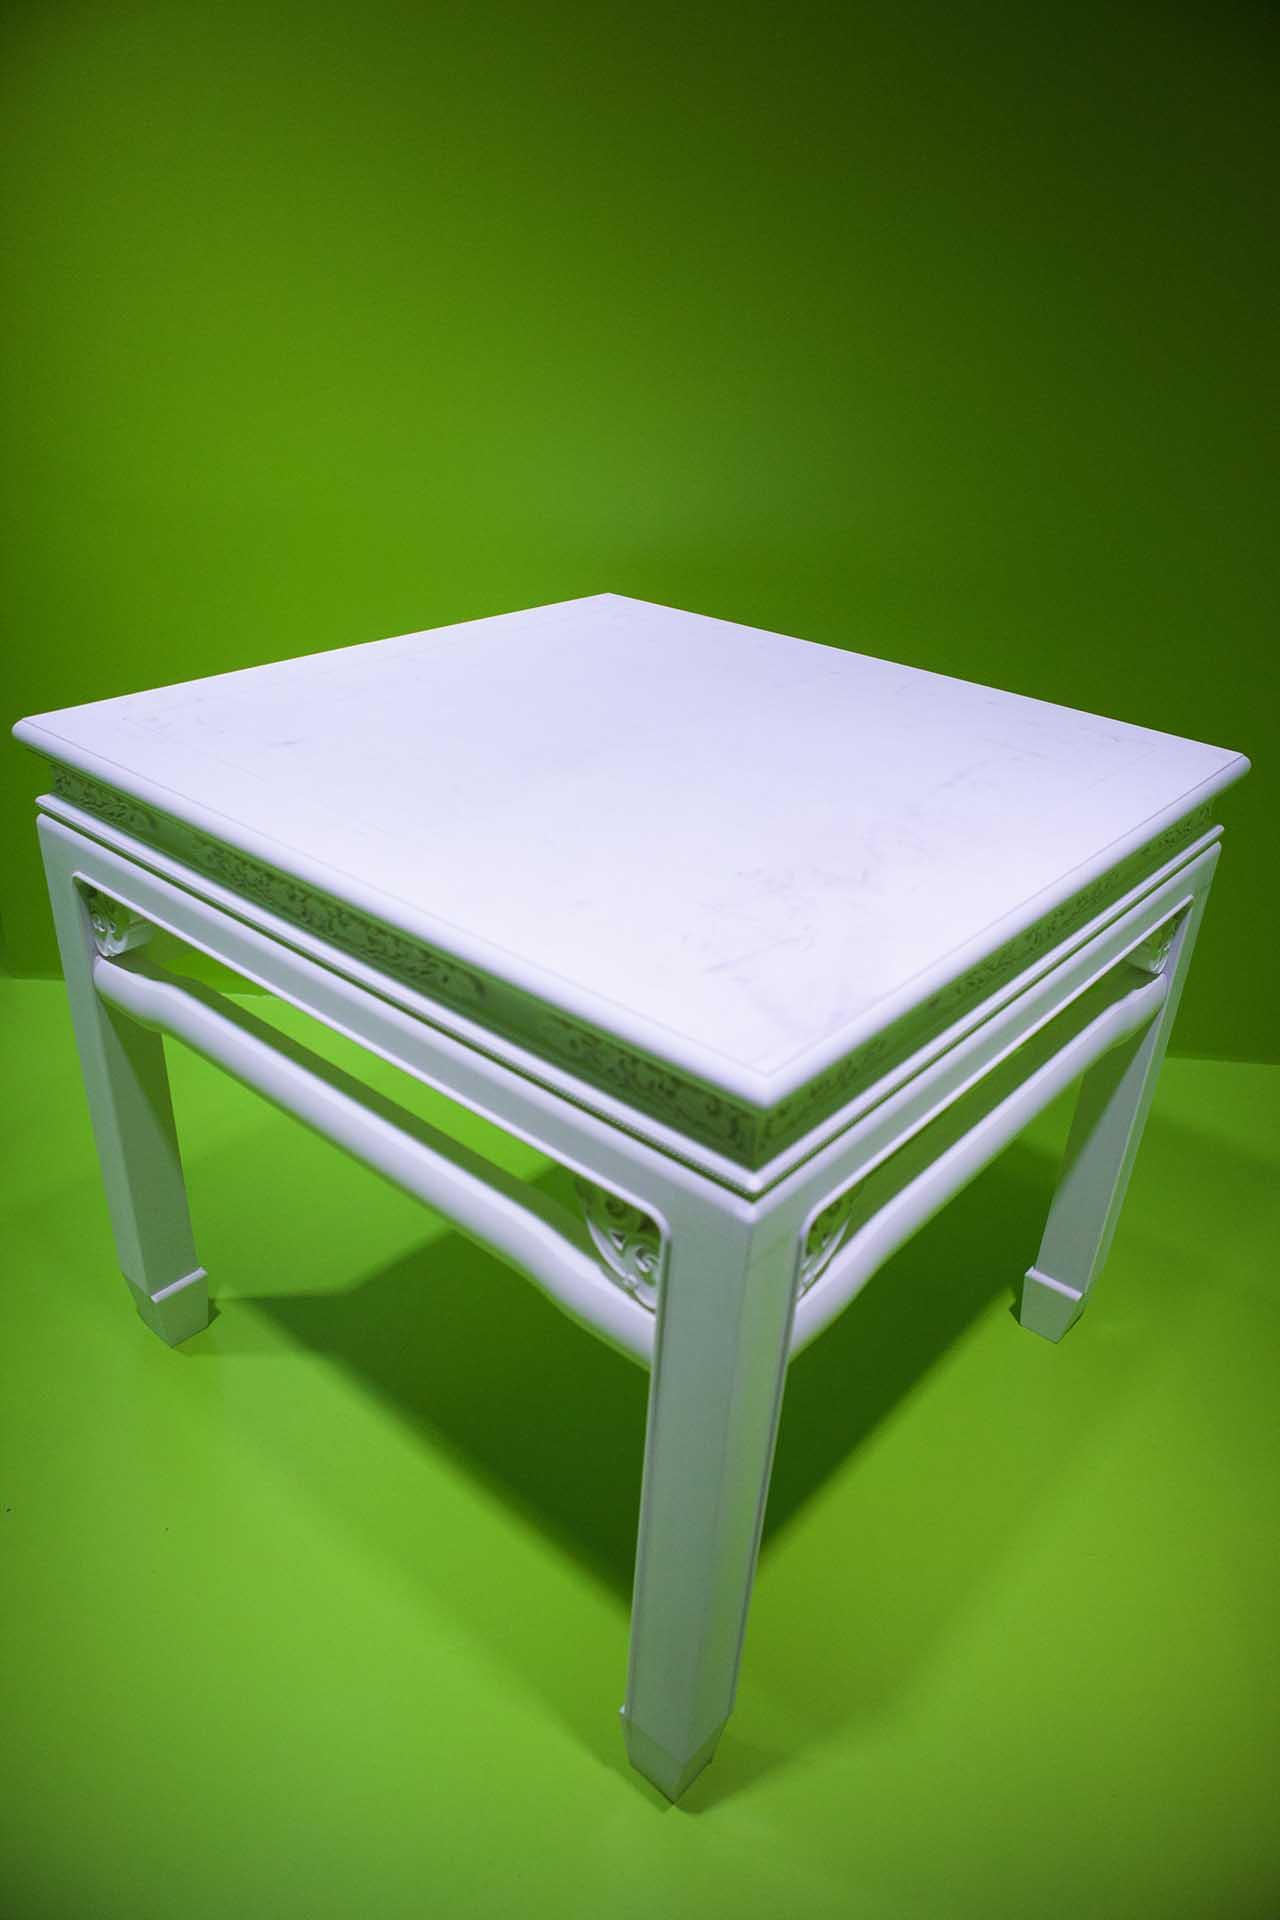 铁甲元帅-白色四方桌 装置 桌子108x106x115cm、台座 148x146x30cm